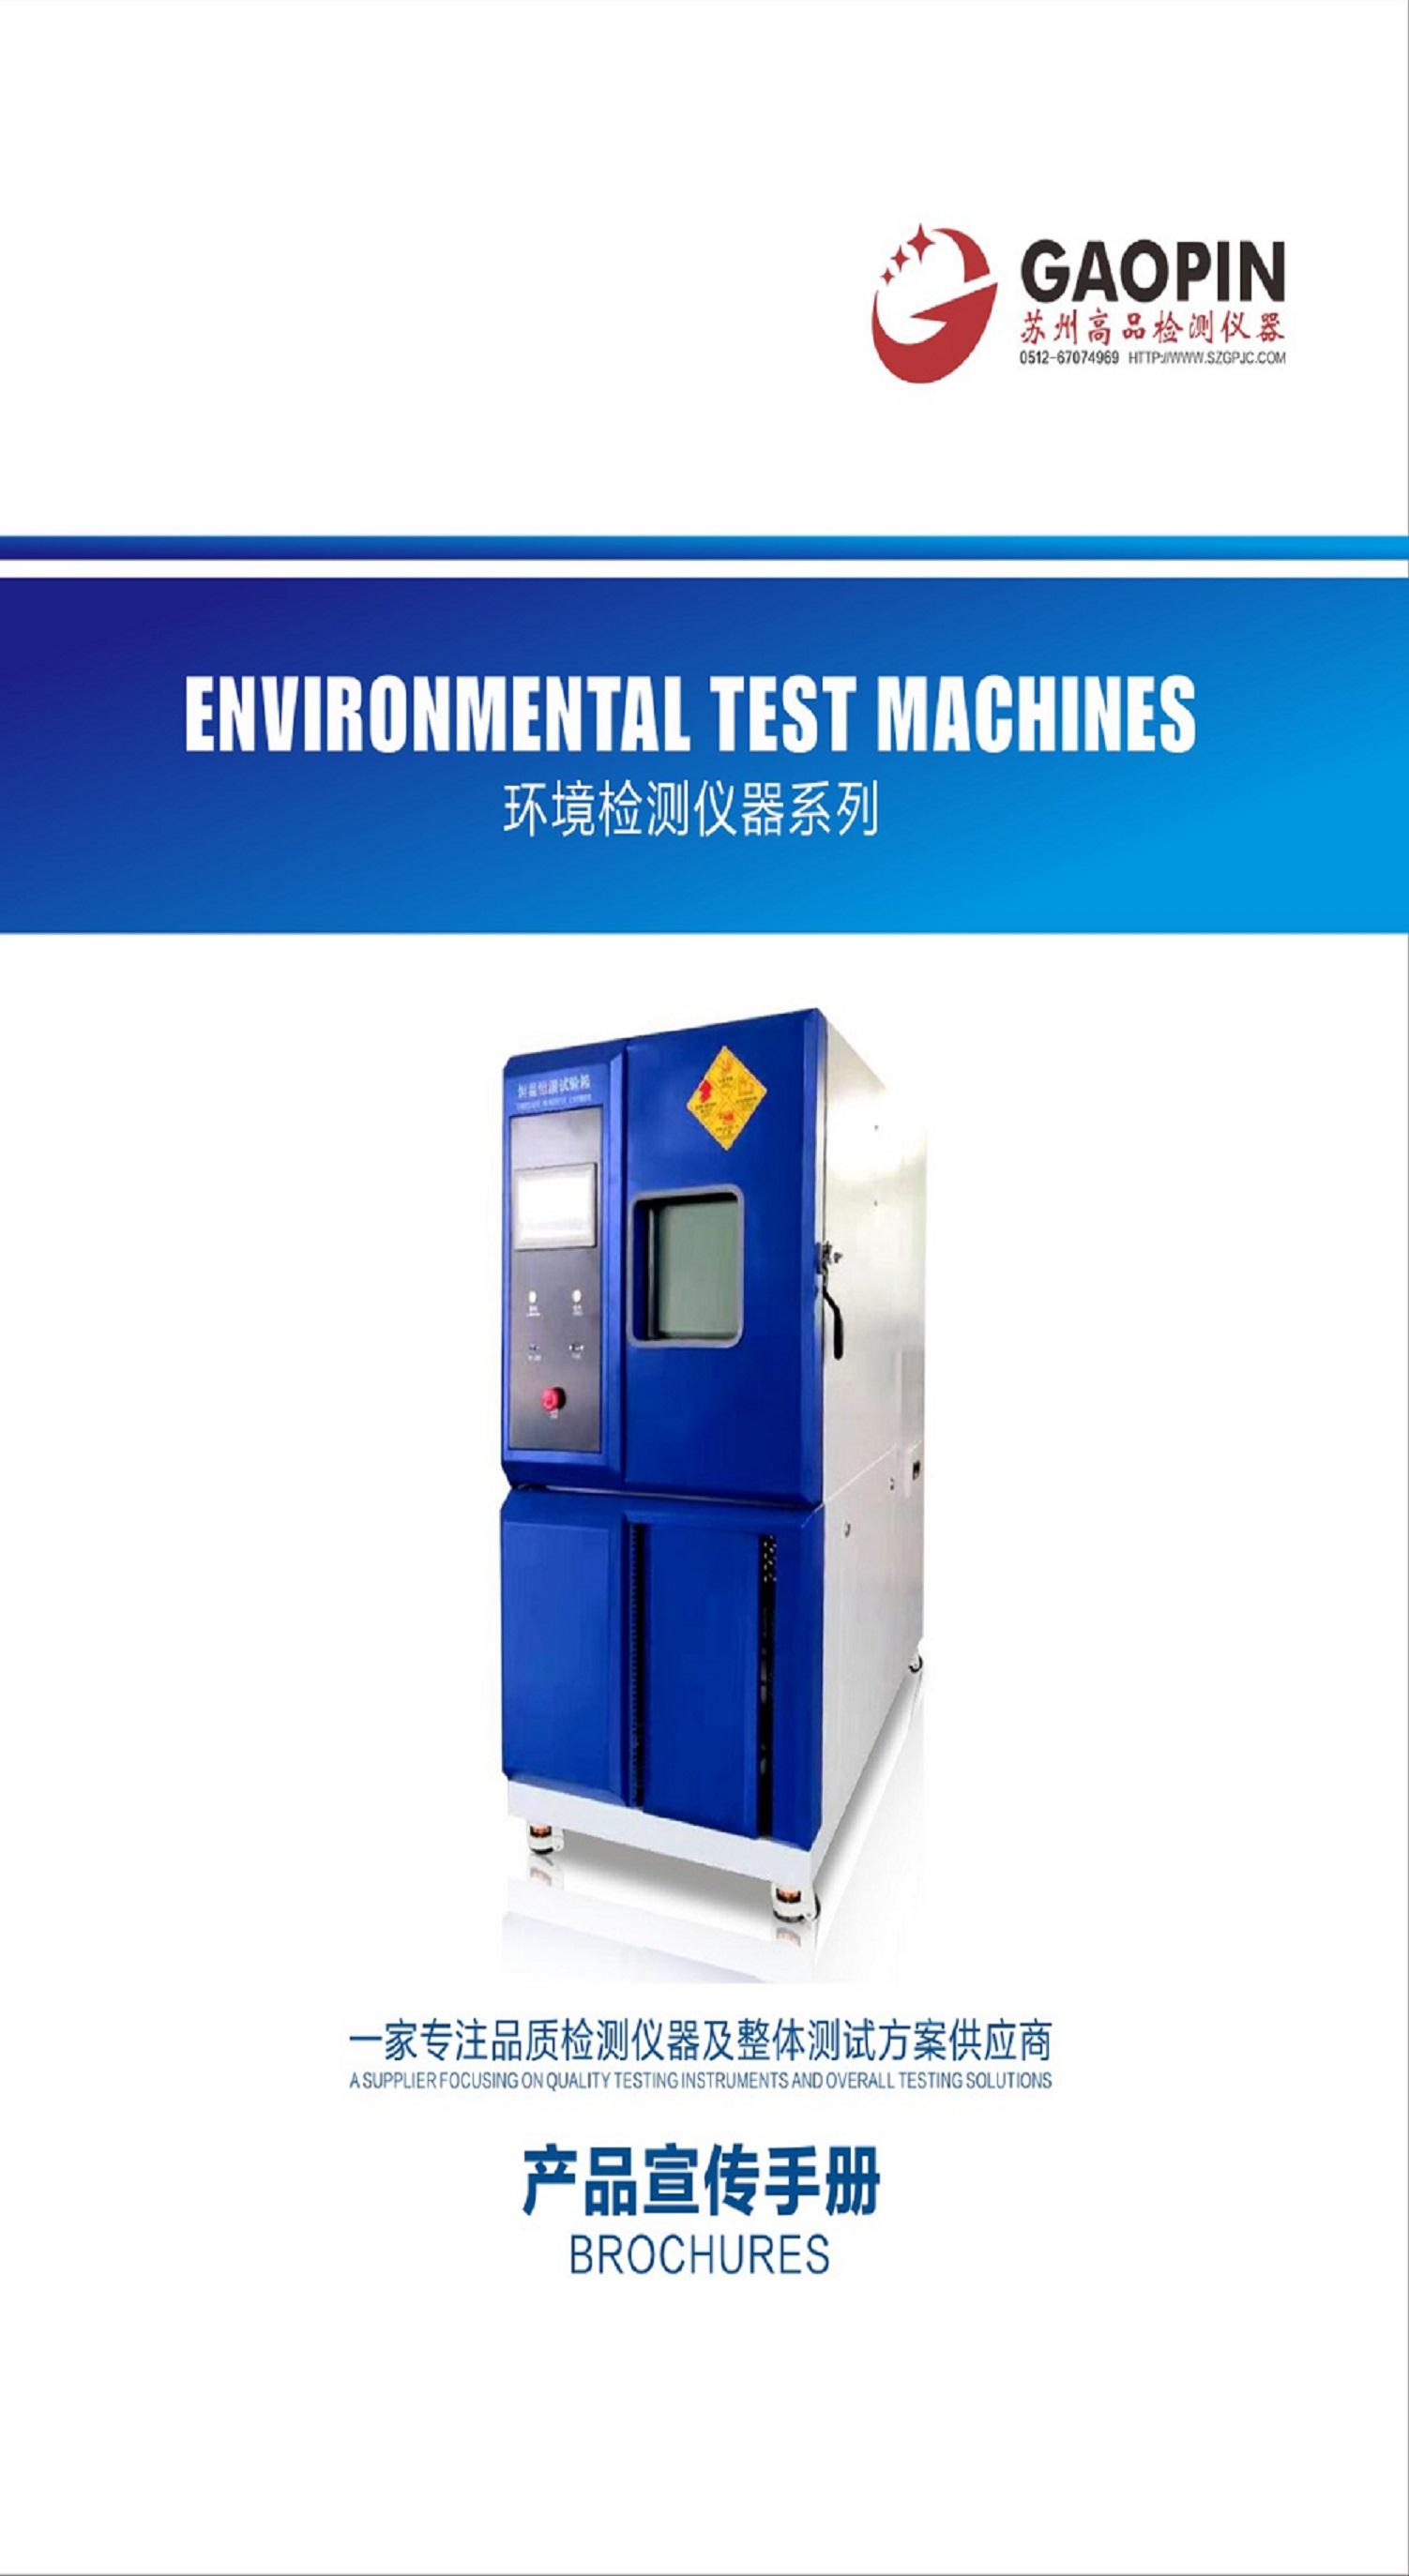 環境檢測儀器系列